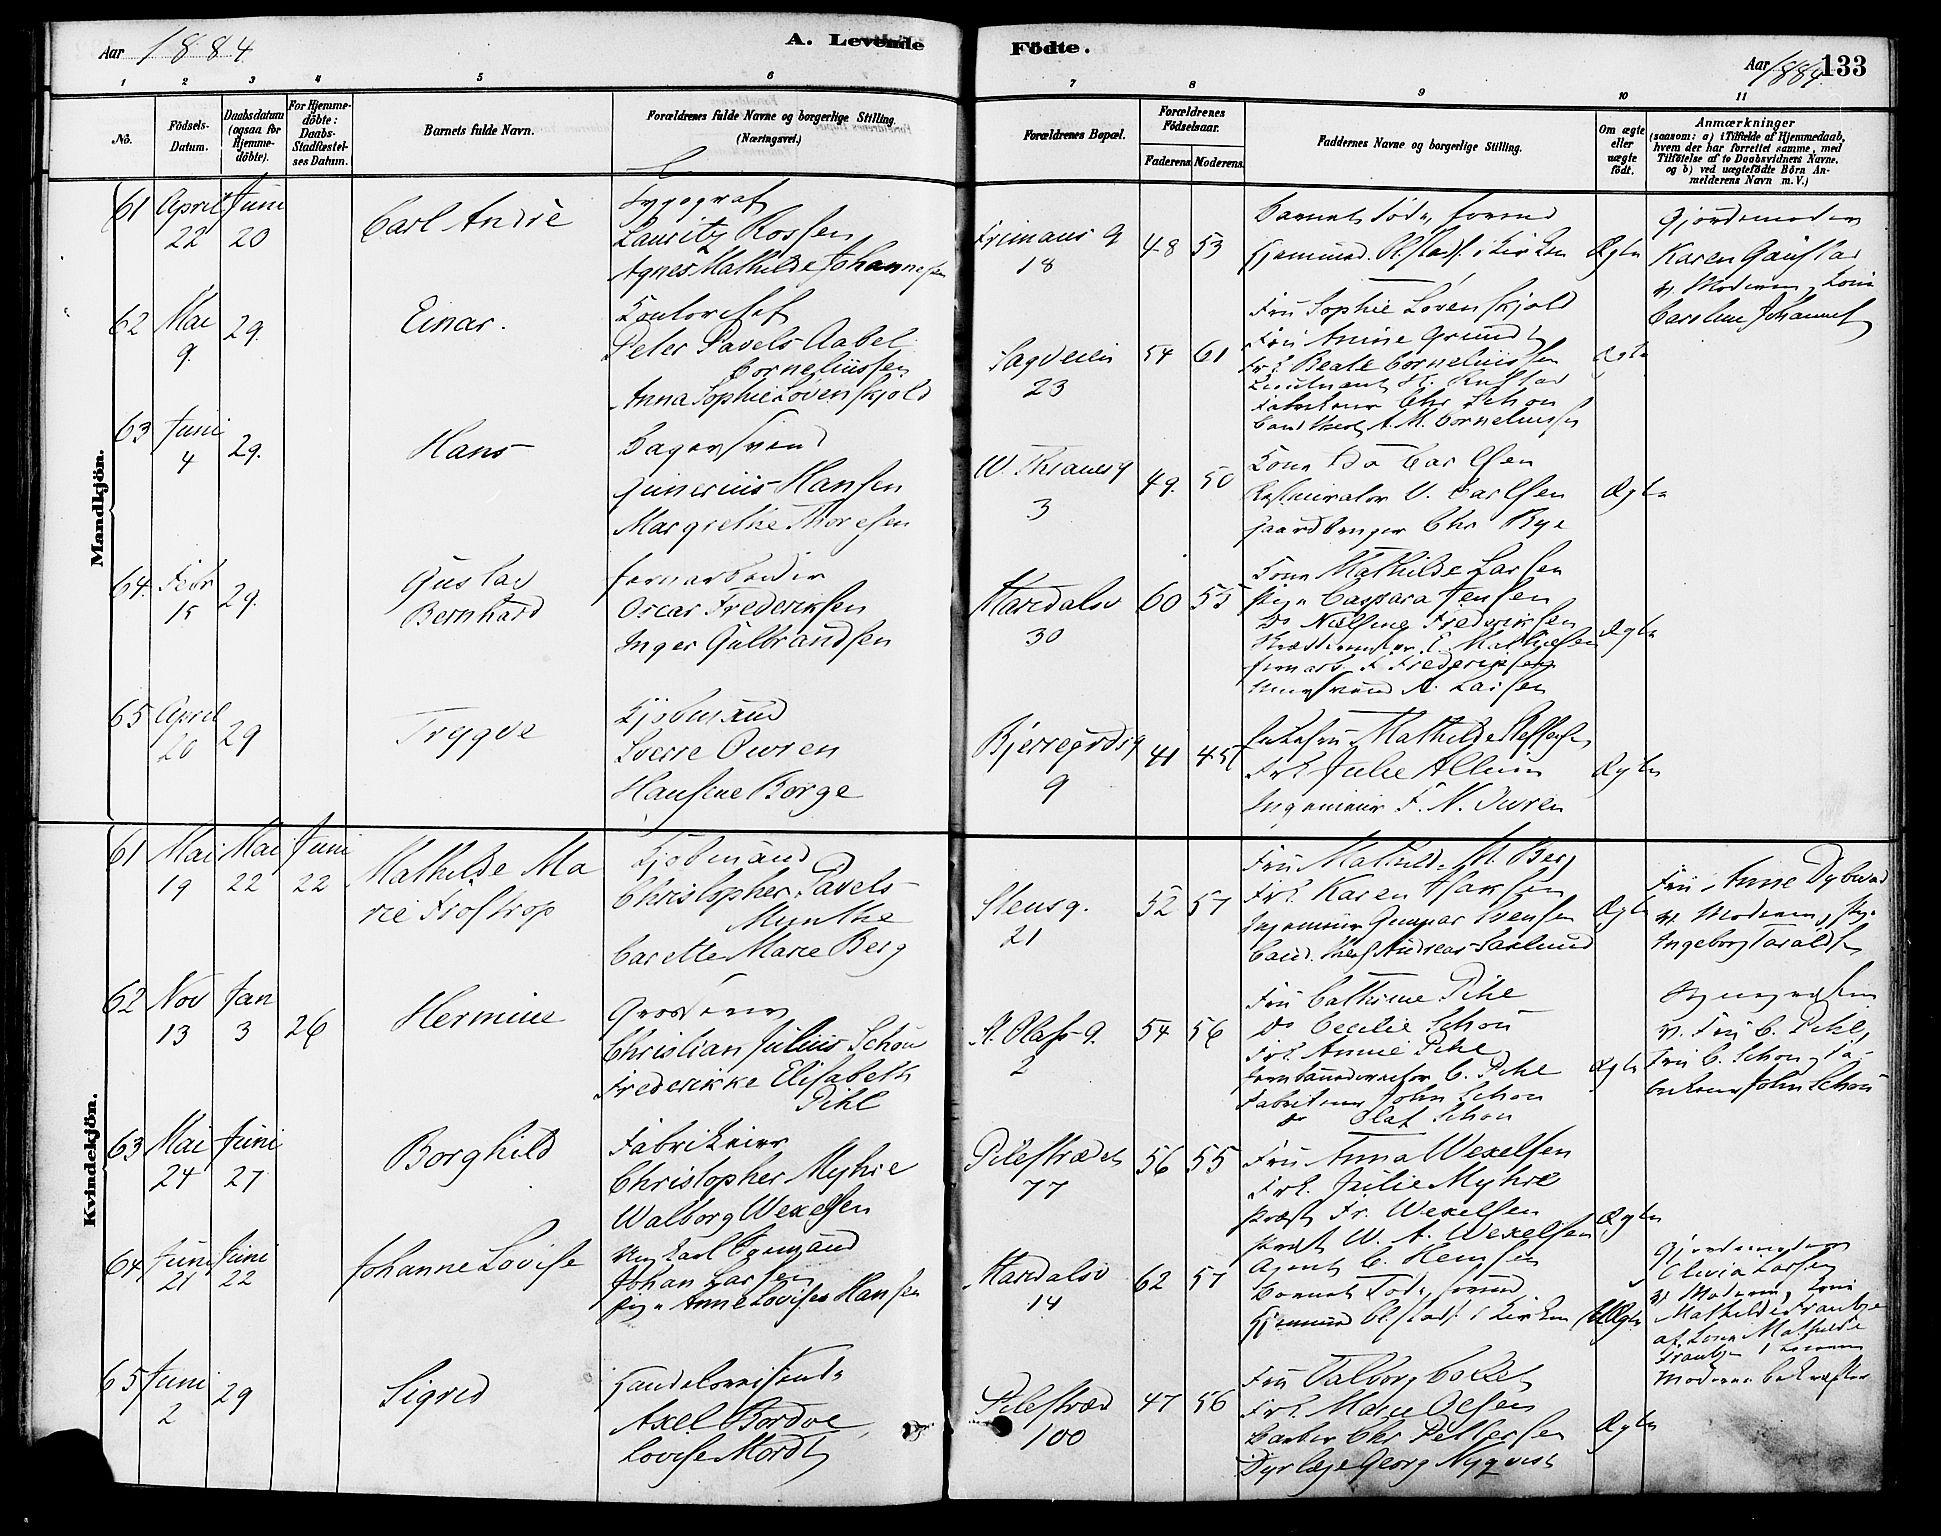 SAO, Gamle Aker prestekontor Kirkebøker, F/L0006: Ministerialbok nr. 6, 1880-1887, s. 133